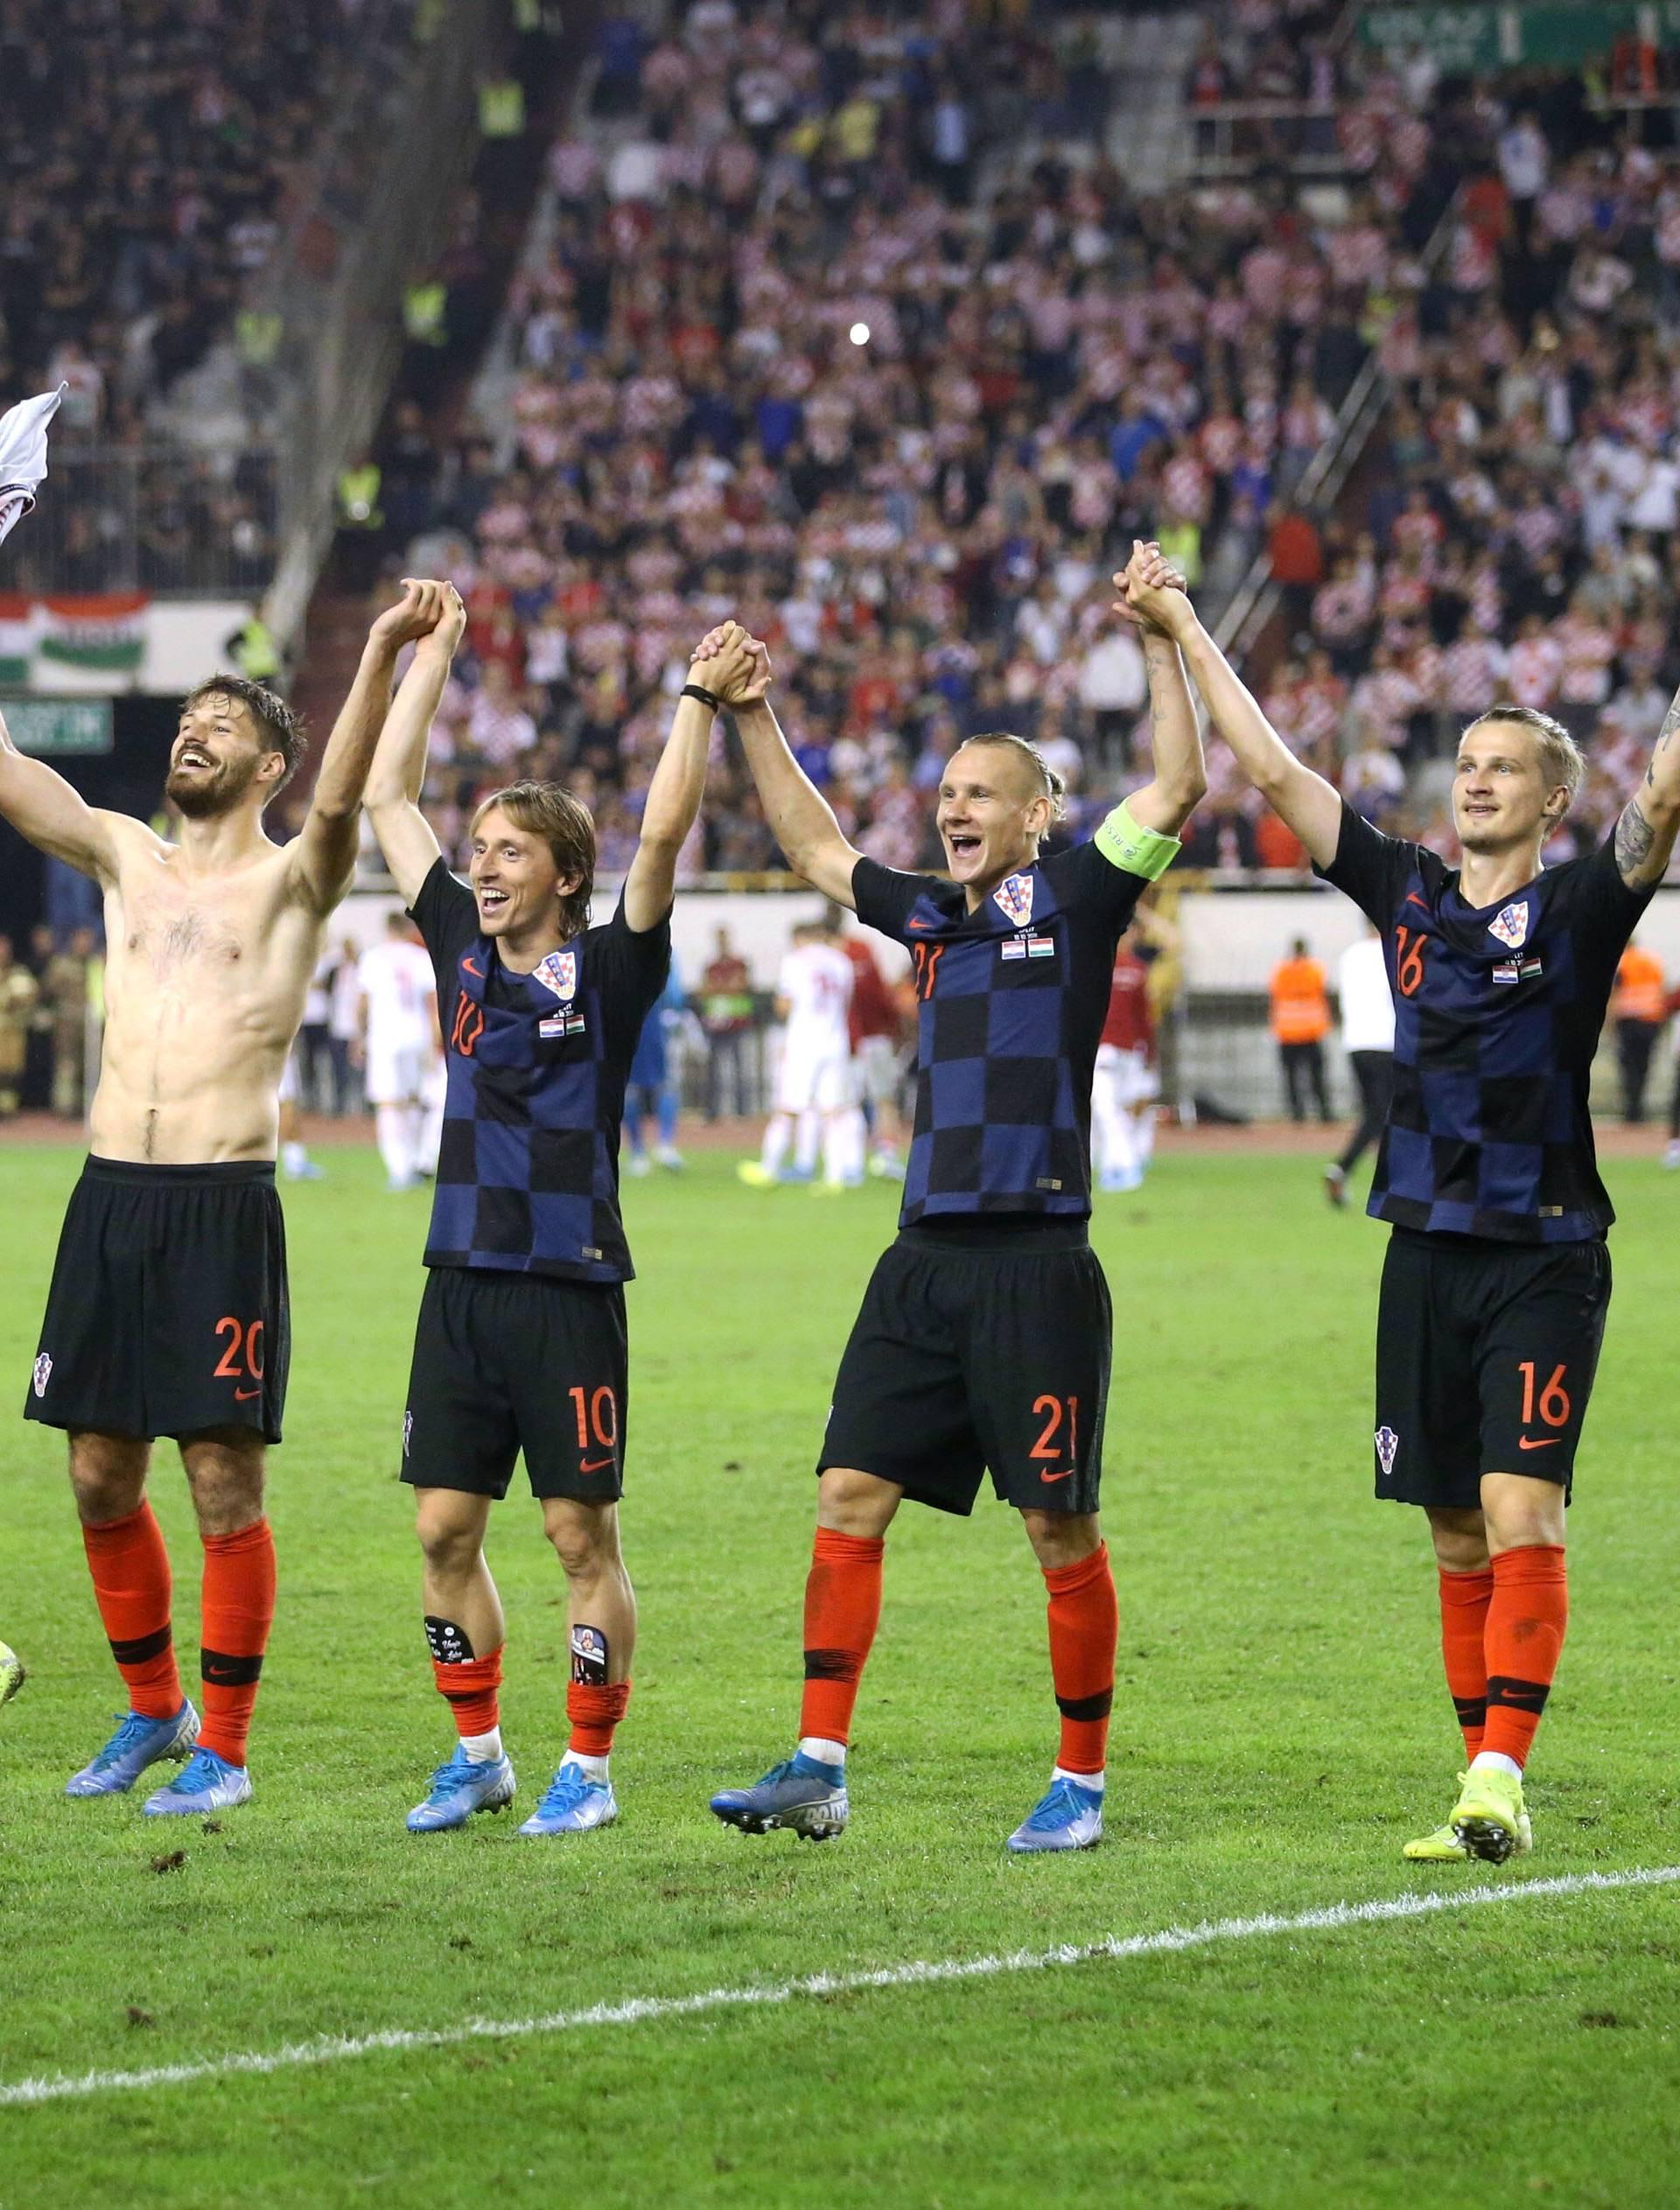 Kad u Hrvatsku stiže Cristiano, a kad svjetski prvaci Francuzi?